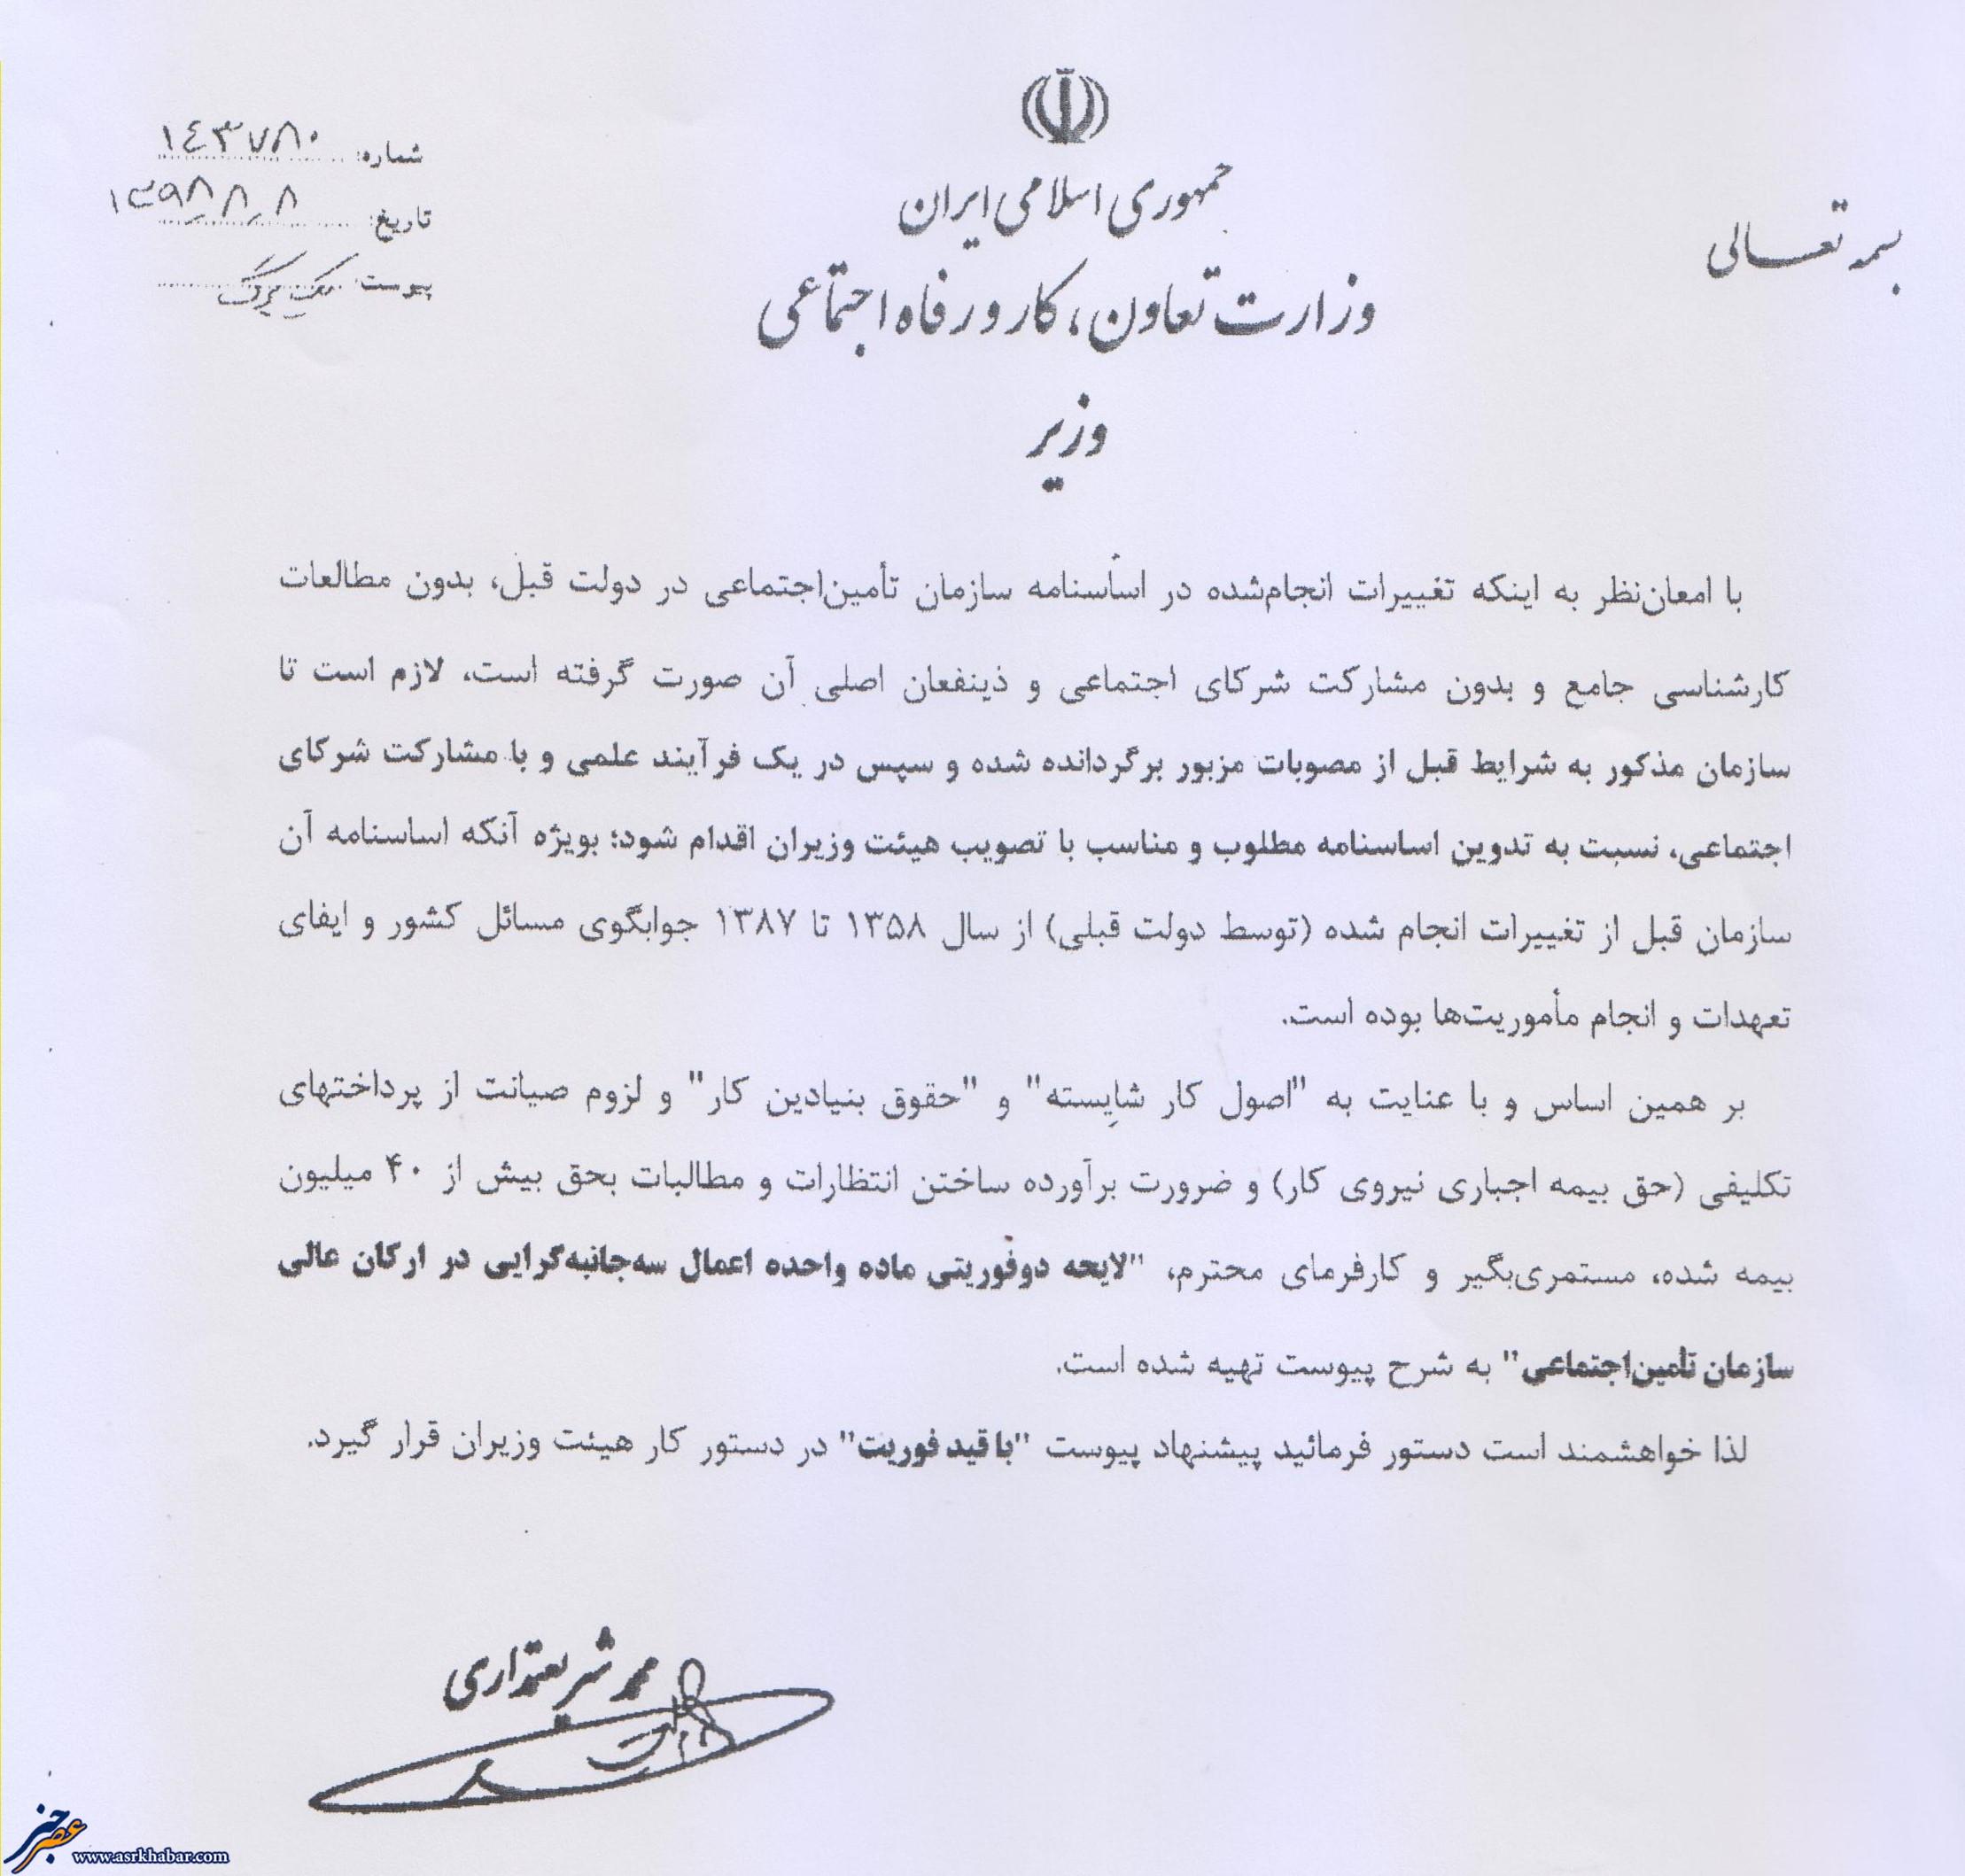 نامه وزير كار به معاون اول رئيس جمهور براي اعمال سه جانبه گرايي در اركان عالي سازمان تامين اجتماعي(+سند)